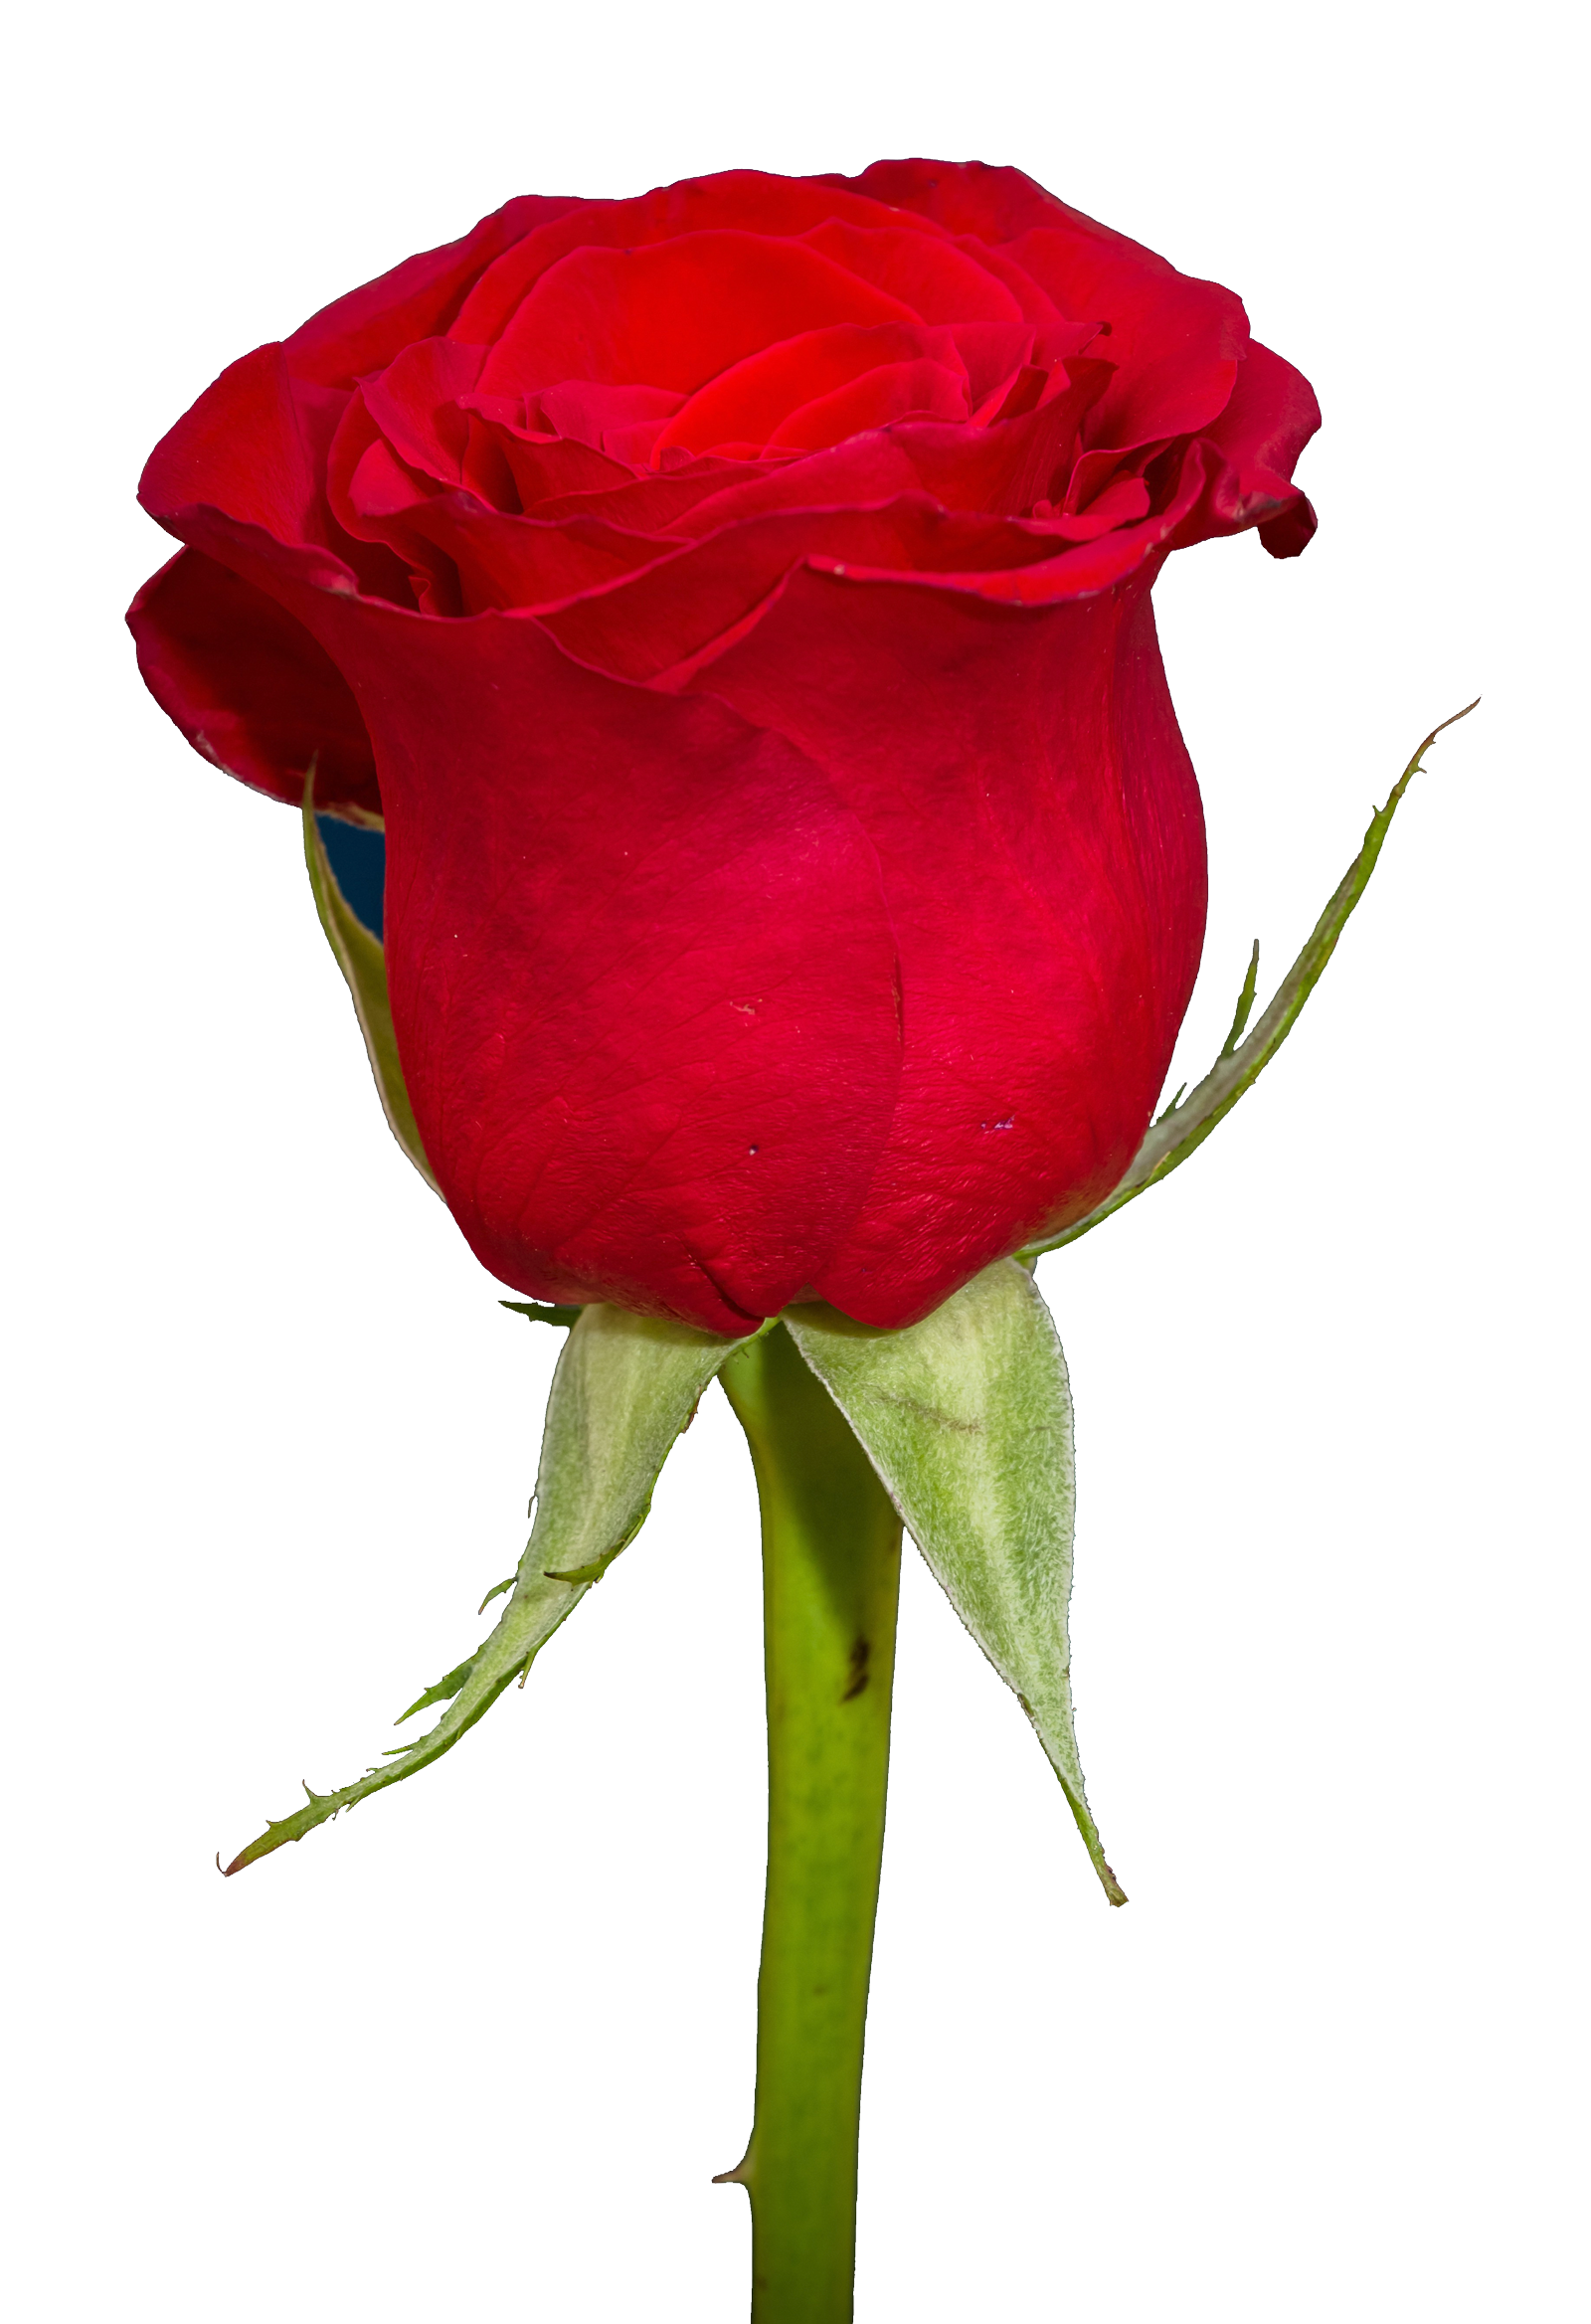 Rose PNG Image